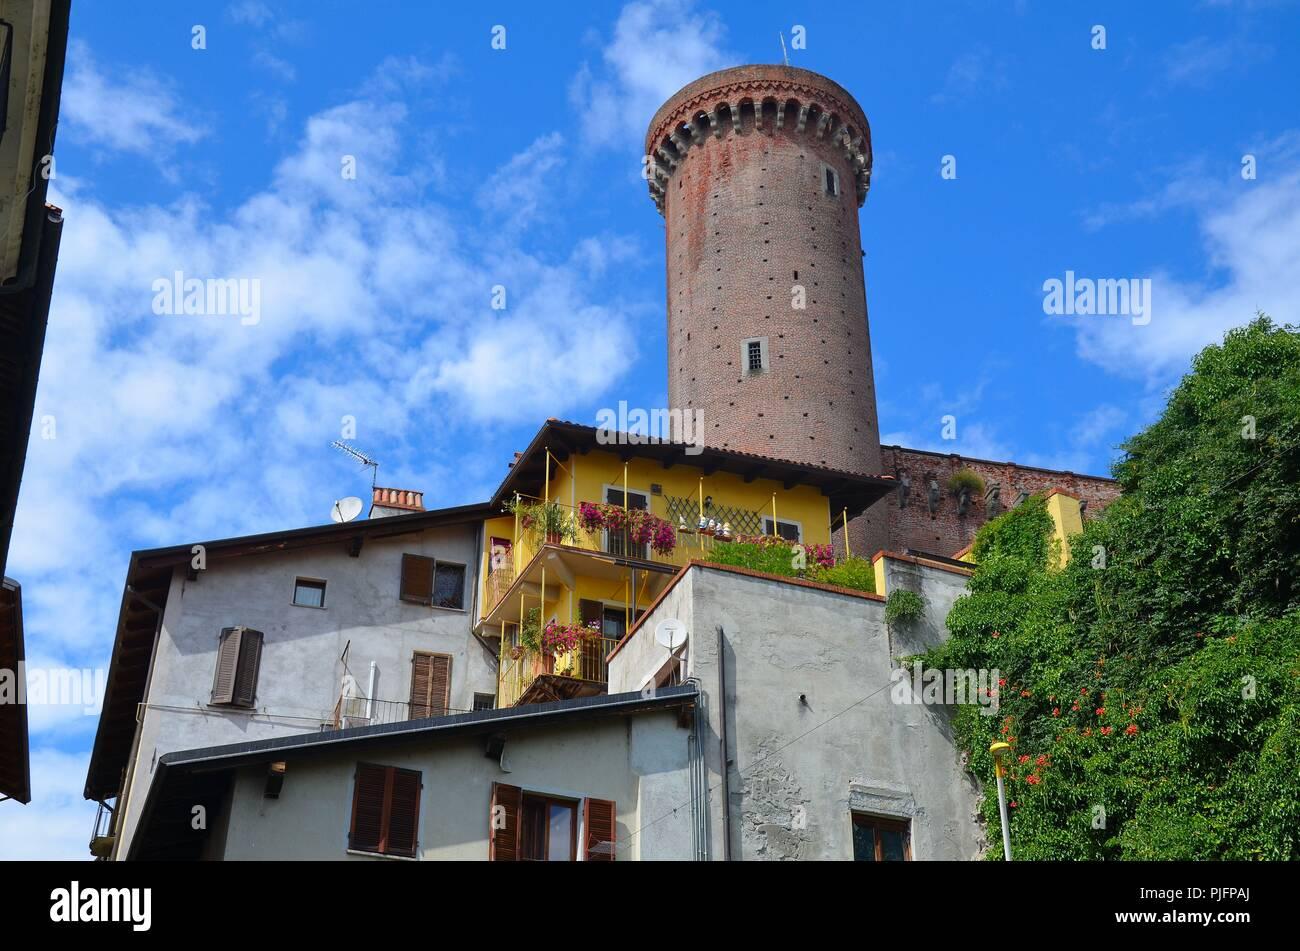 Ivrea (Provinz Piemont) am Fluss Dora Baltea, Italien; die Burg - Stock Image